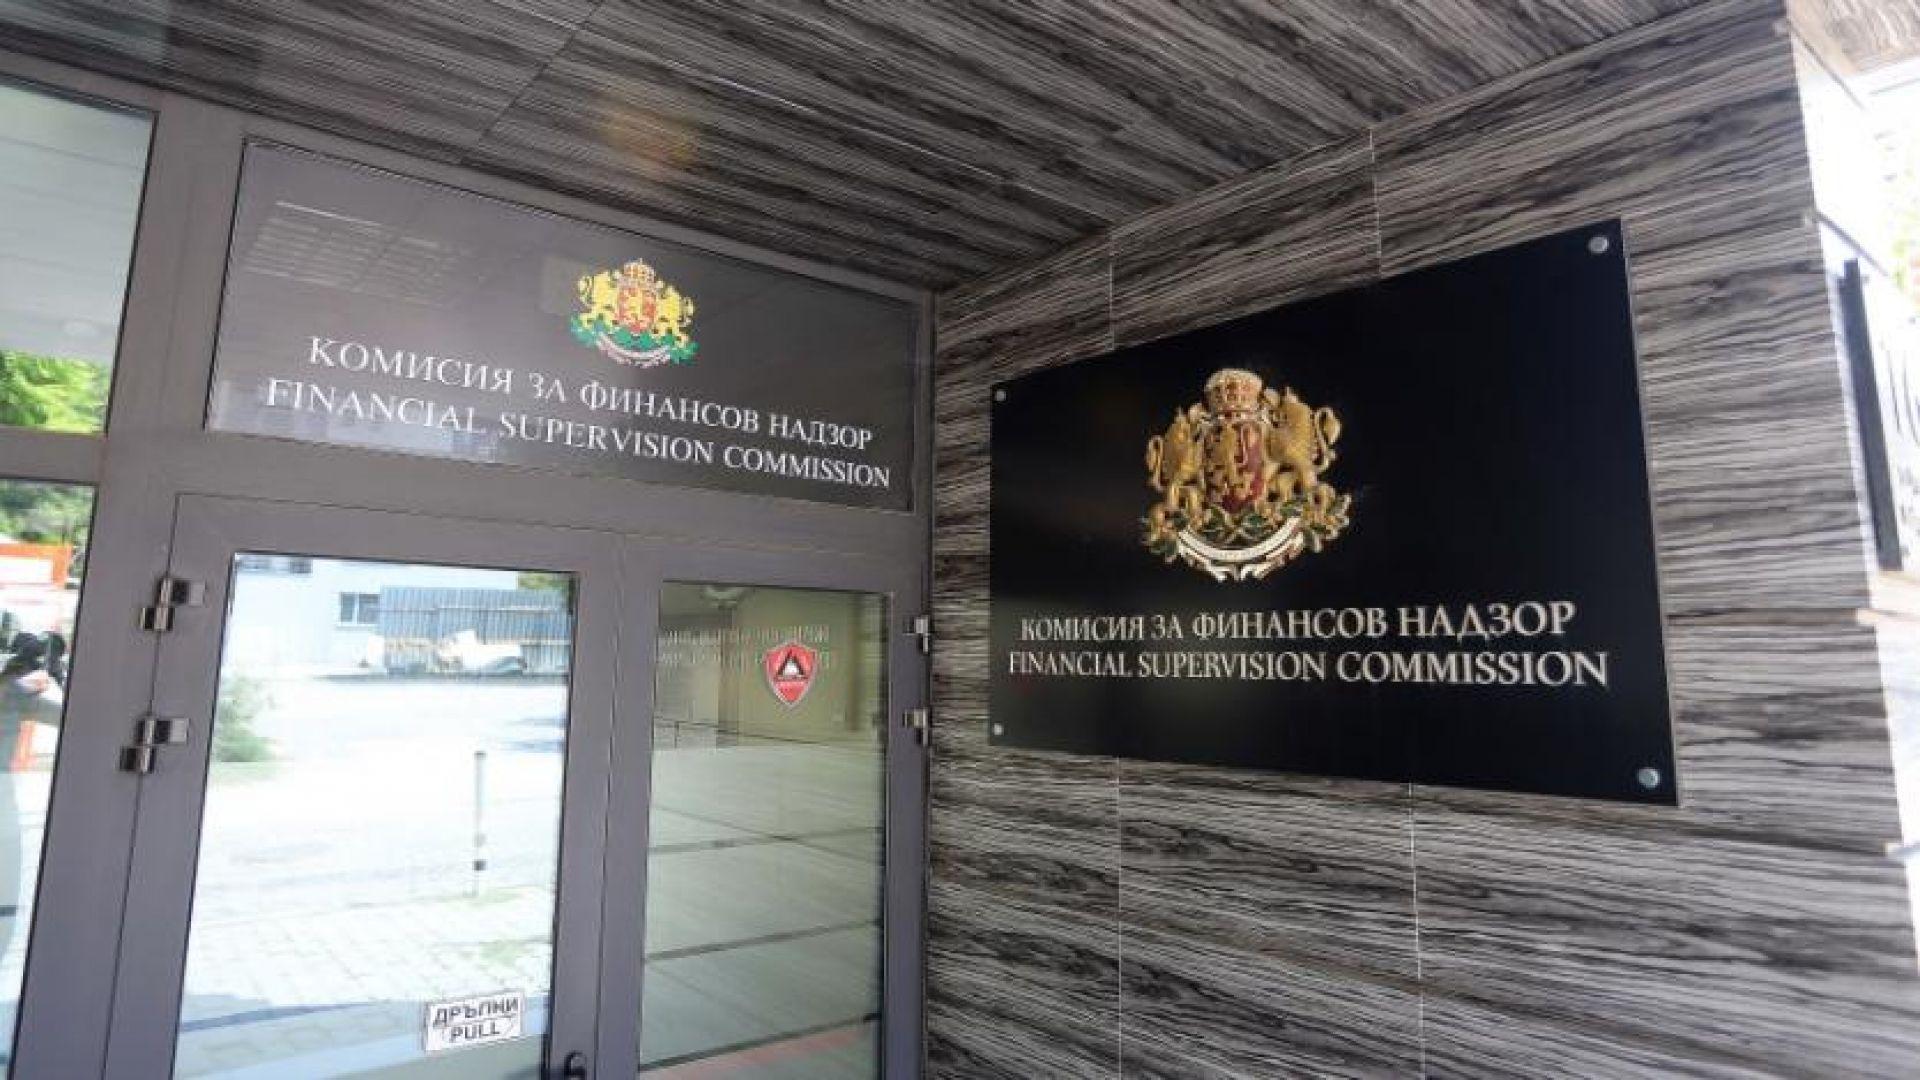 Комисията за финансов надзор предупреждава потребителите за финансови измами от интернет сайт